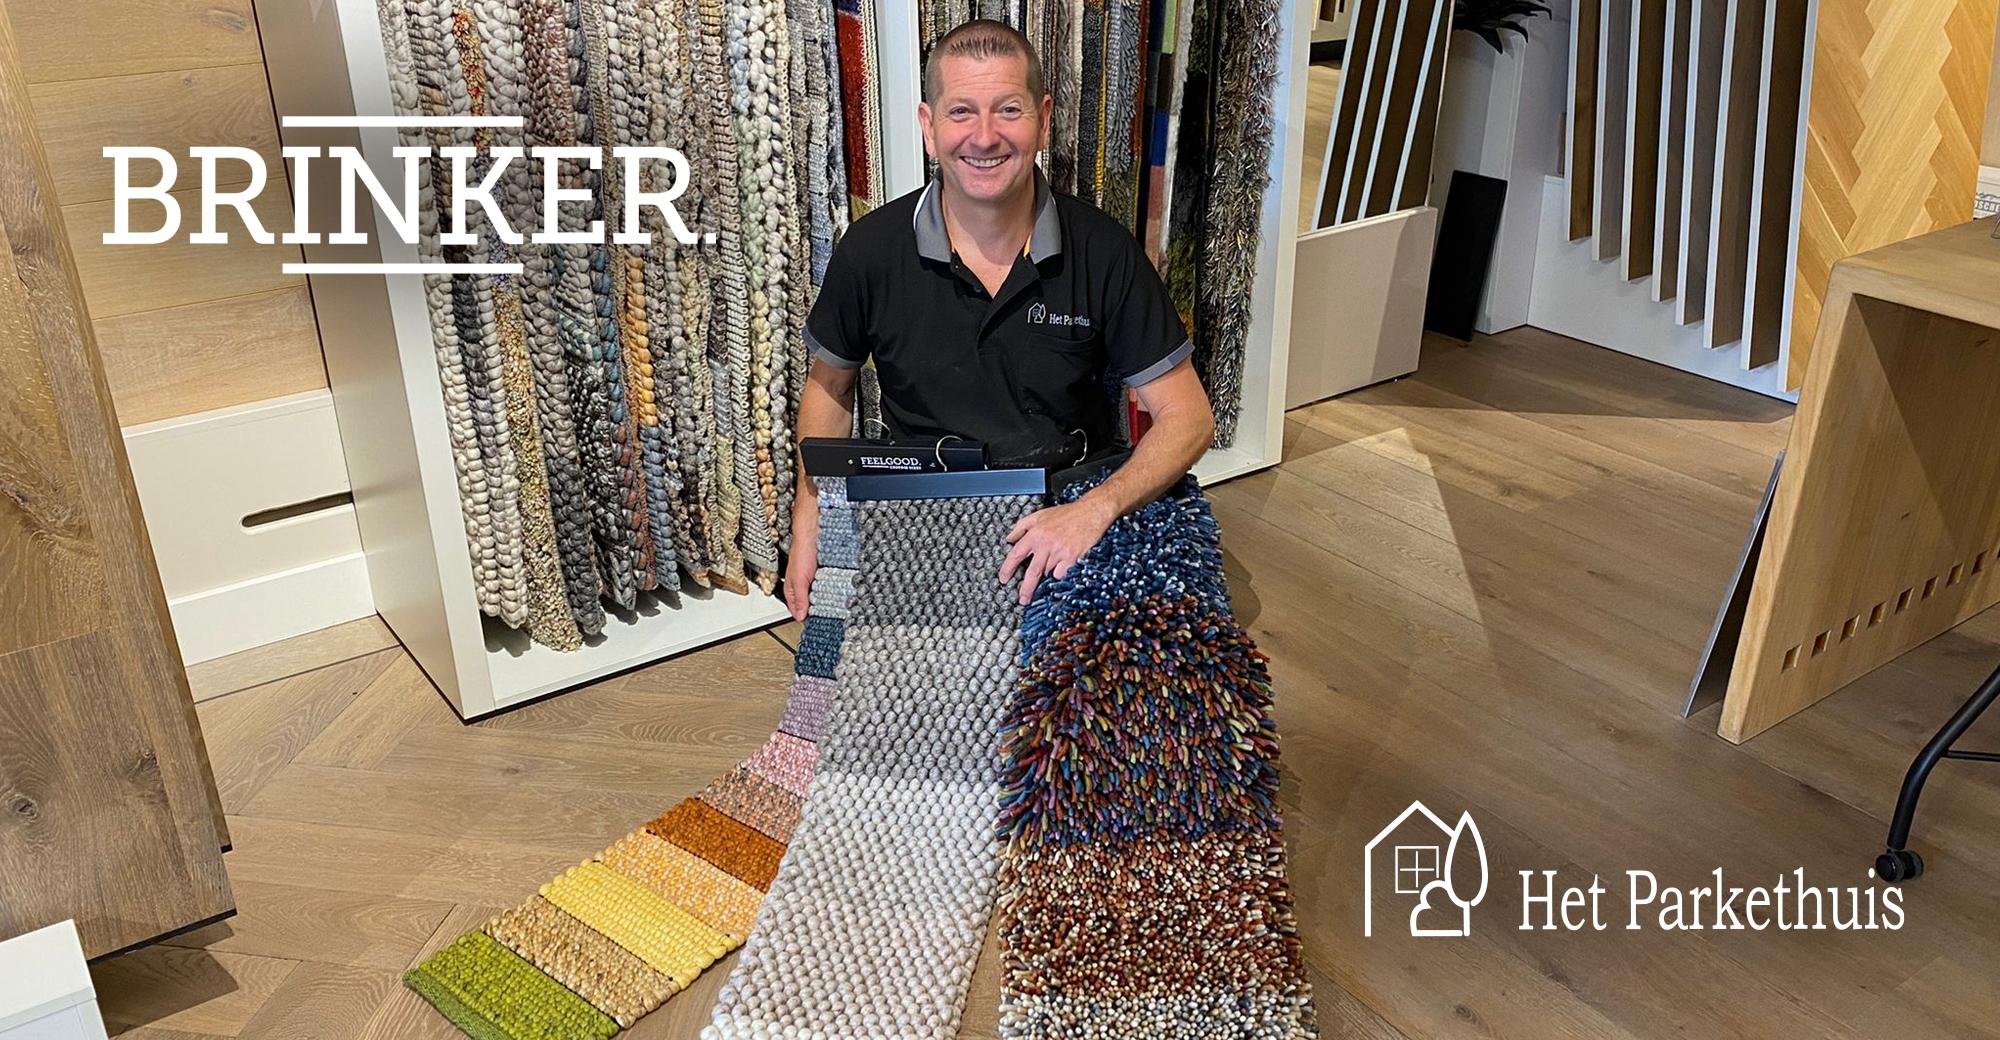 De mooiste vloerkleden van Brinker Carpets voor jouw houten vloer